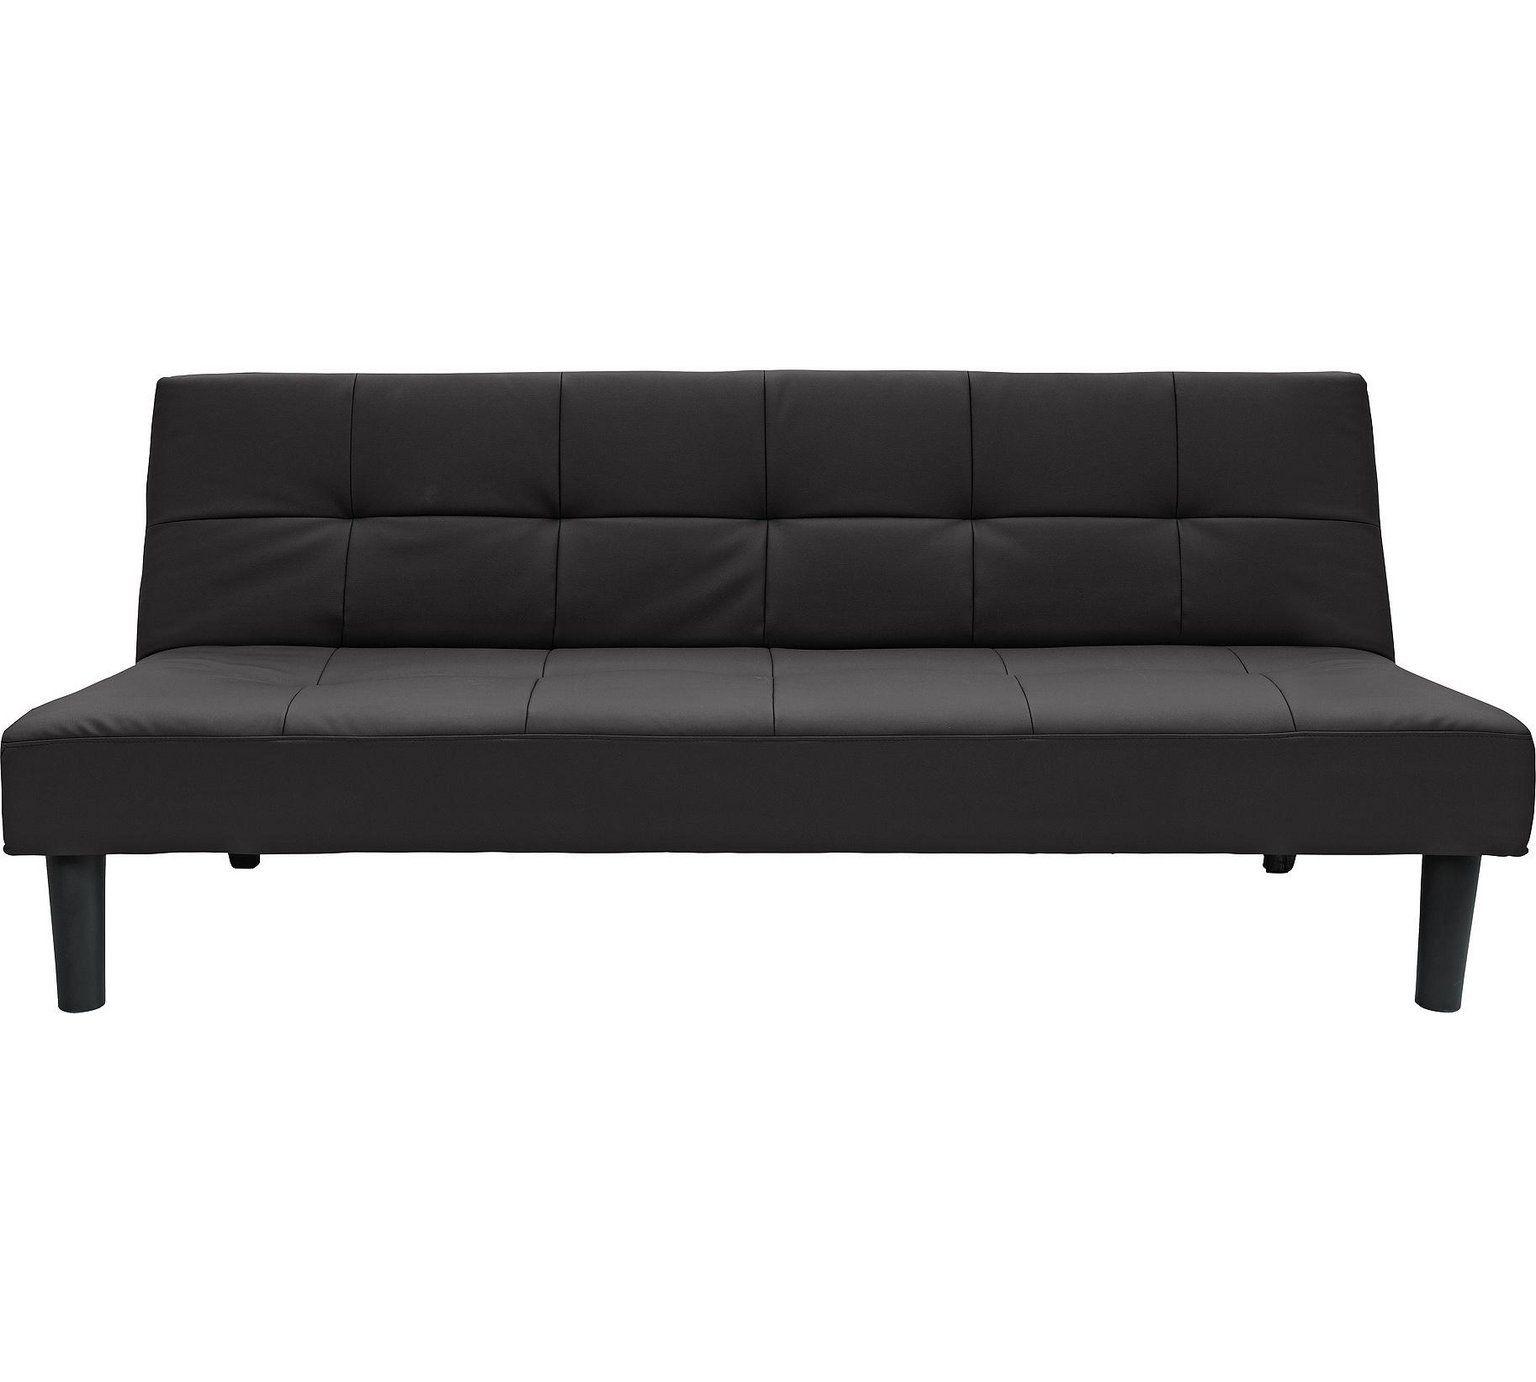 Buy Argos Home Patsy 2 Seater Clic Clac Sofa Bed Black Sofa Beds Sofa Bed Black Sofa Bed Red Black Sofa